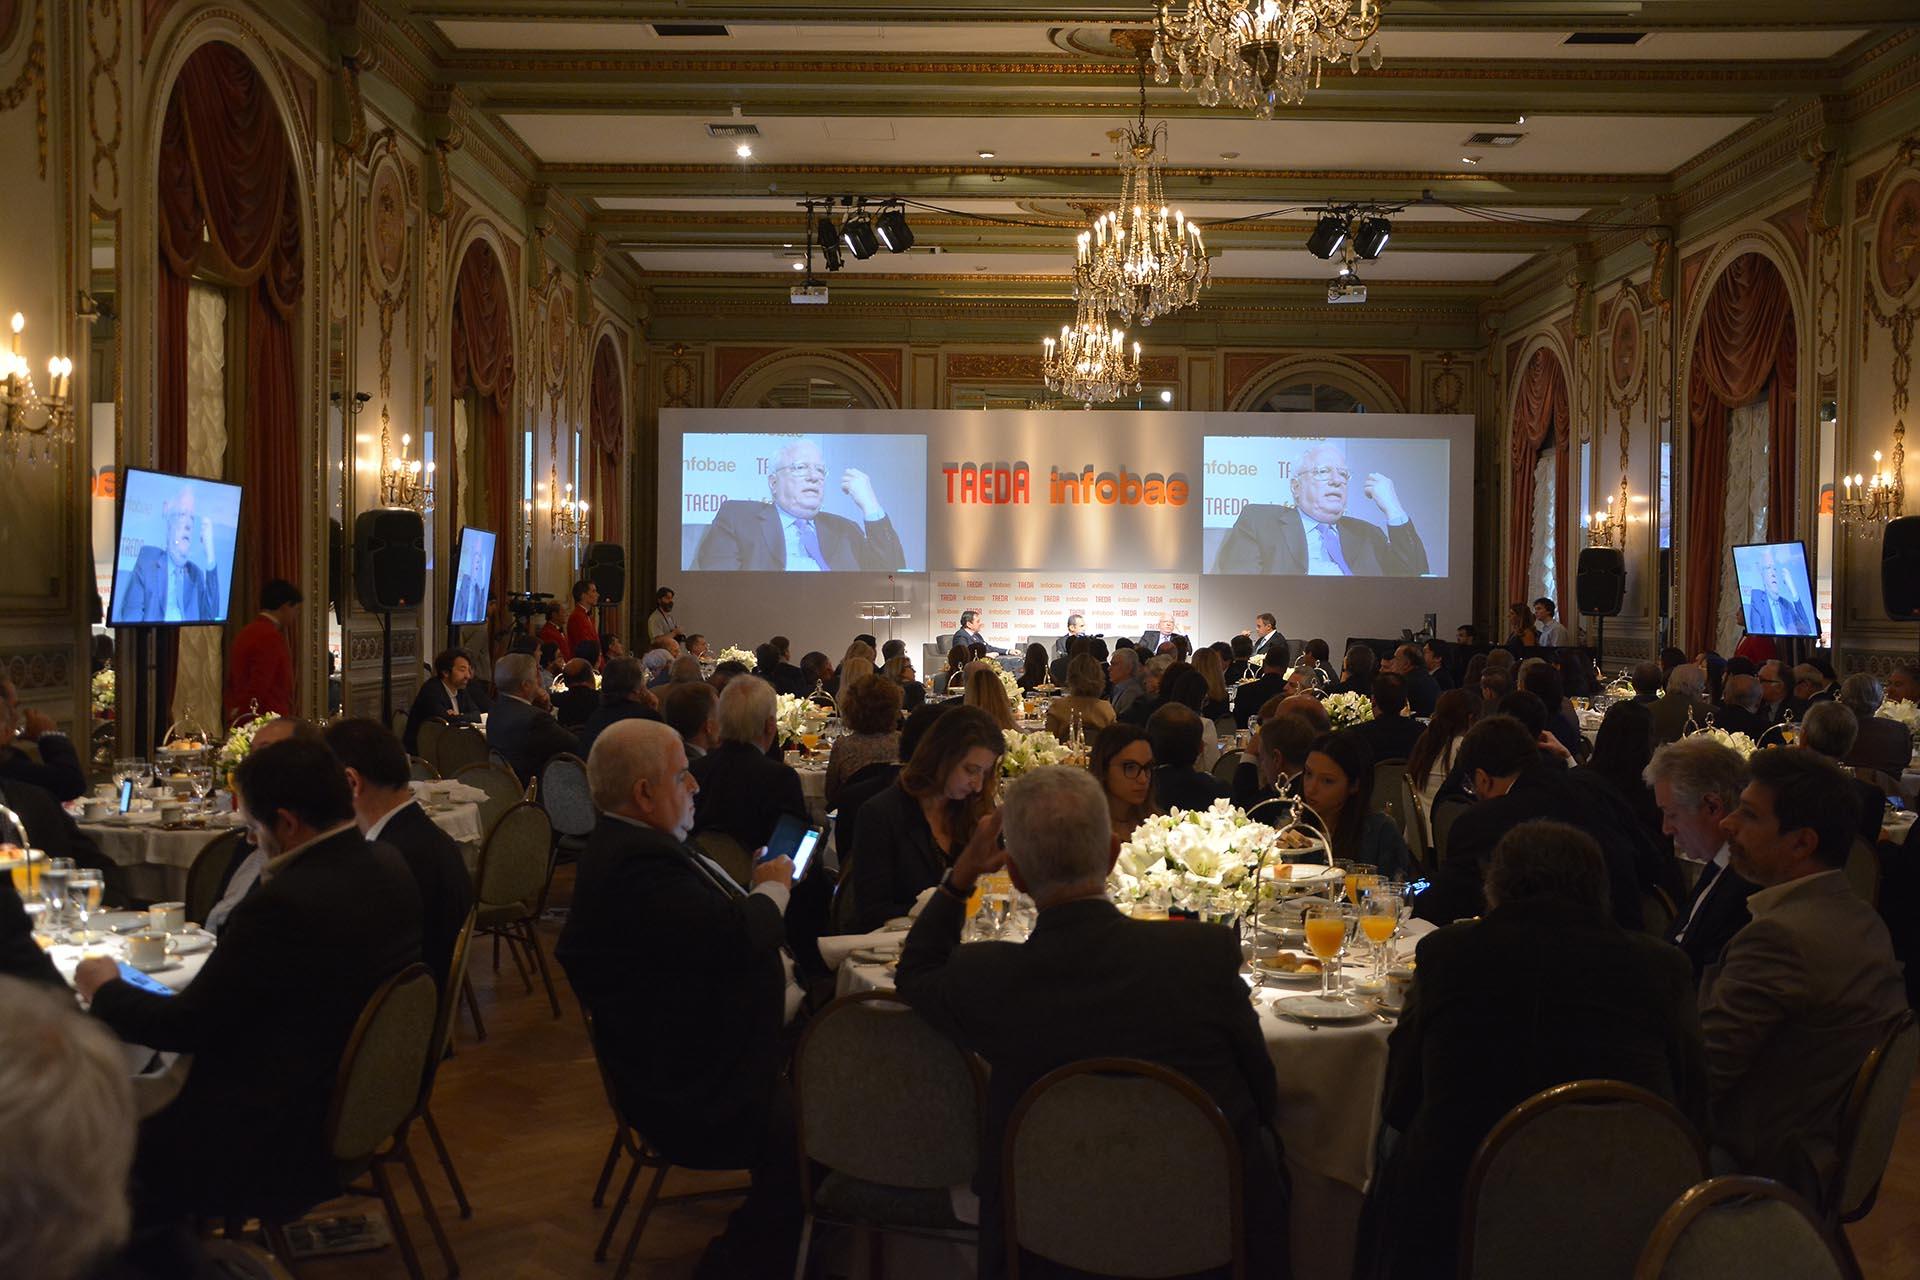 El evento se realizó en el Hotel Alvear y fue retransmitido víastreaming porInfobae